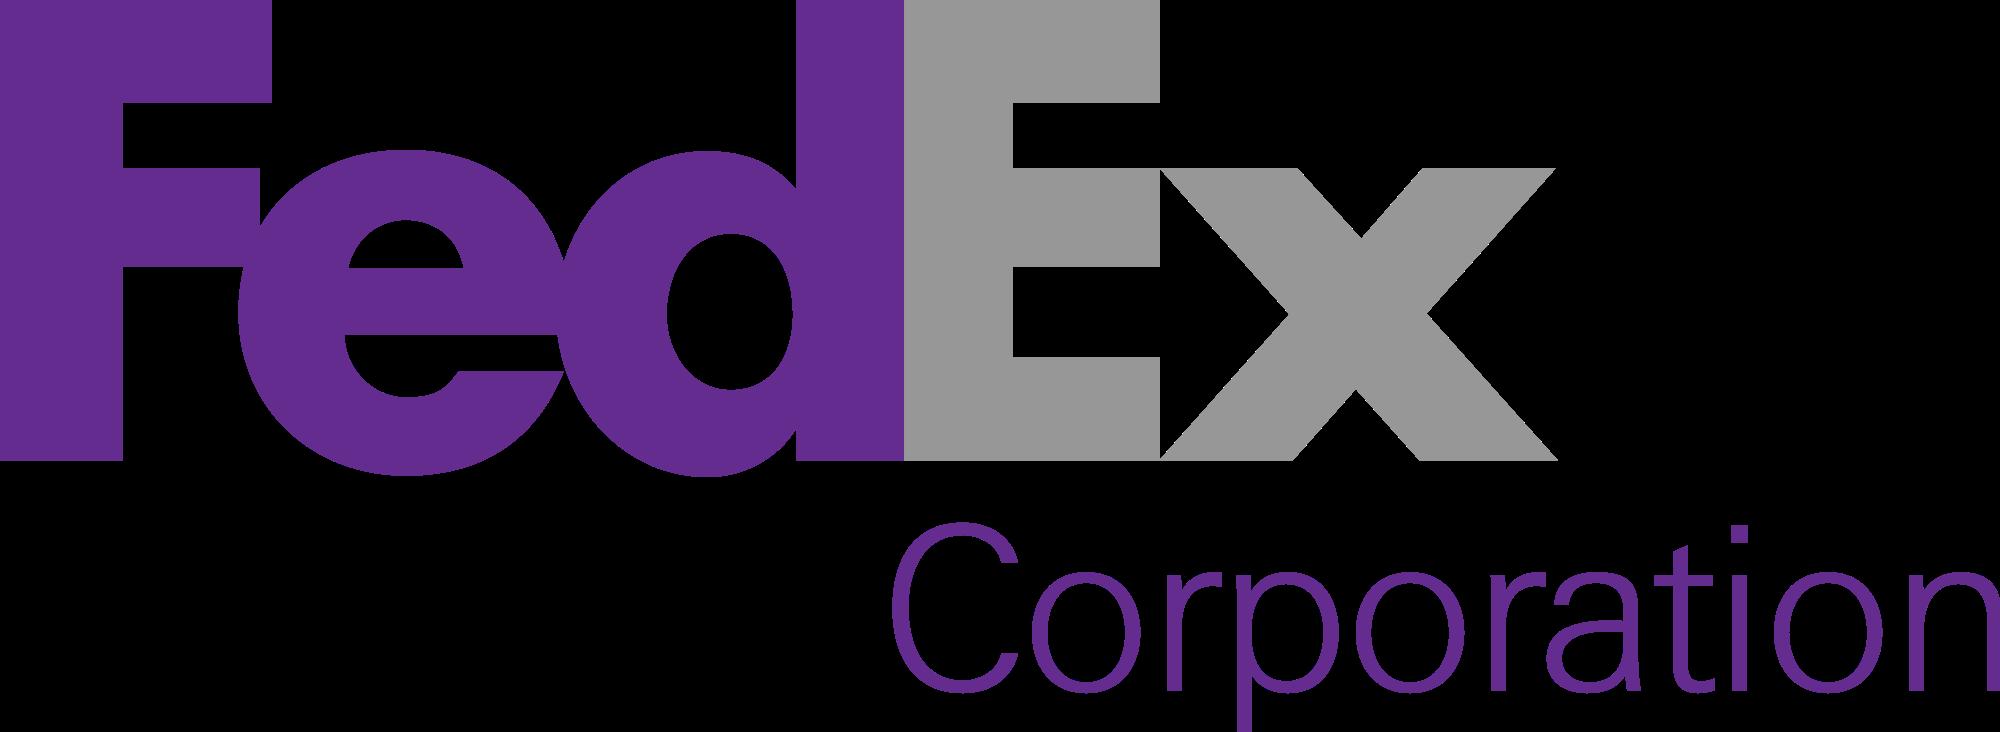 fedex corporation png transparent fedex corporation png images